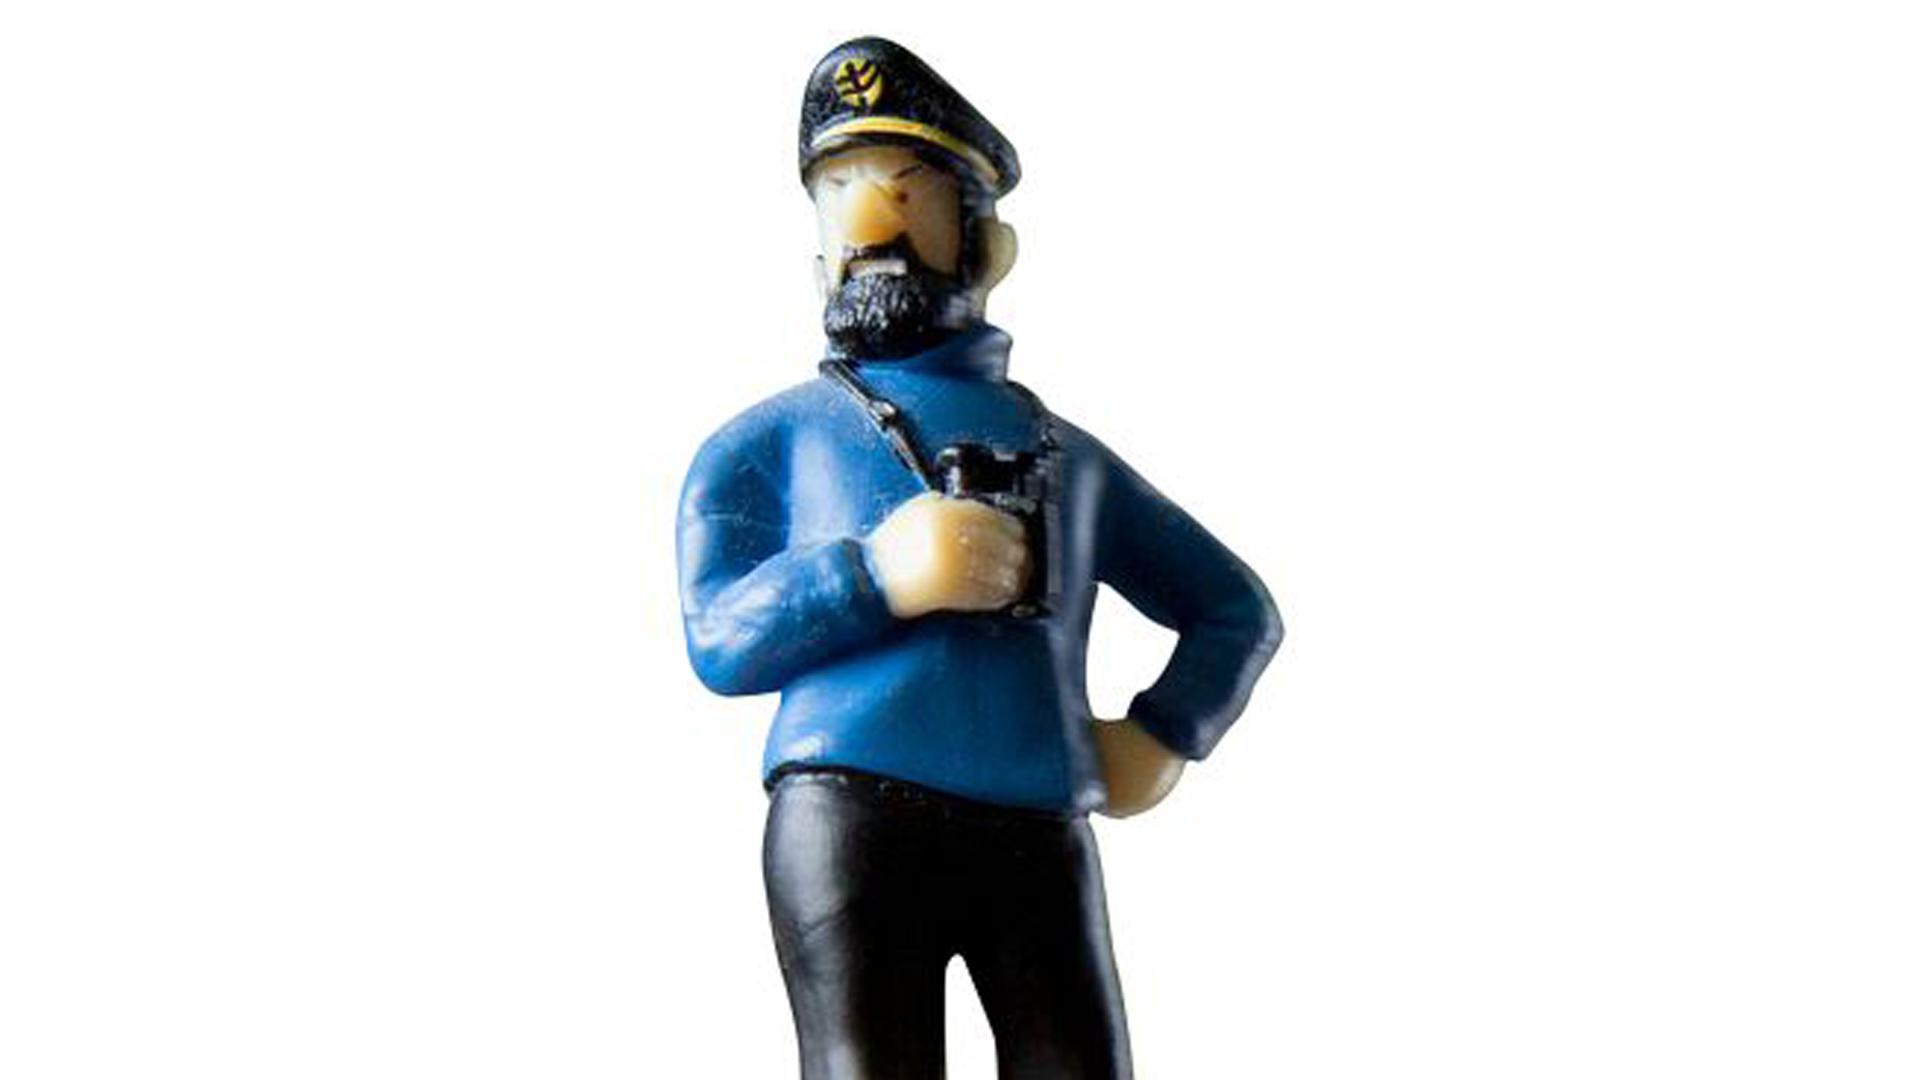 Kapteeni Haddock on sekä Tintin lukijoiden että niitä suomentaneen Heikki Kaukorannan suosikkihahmo.